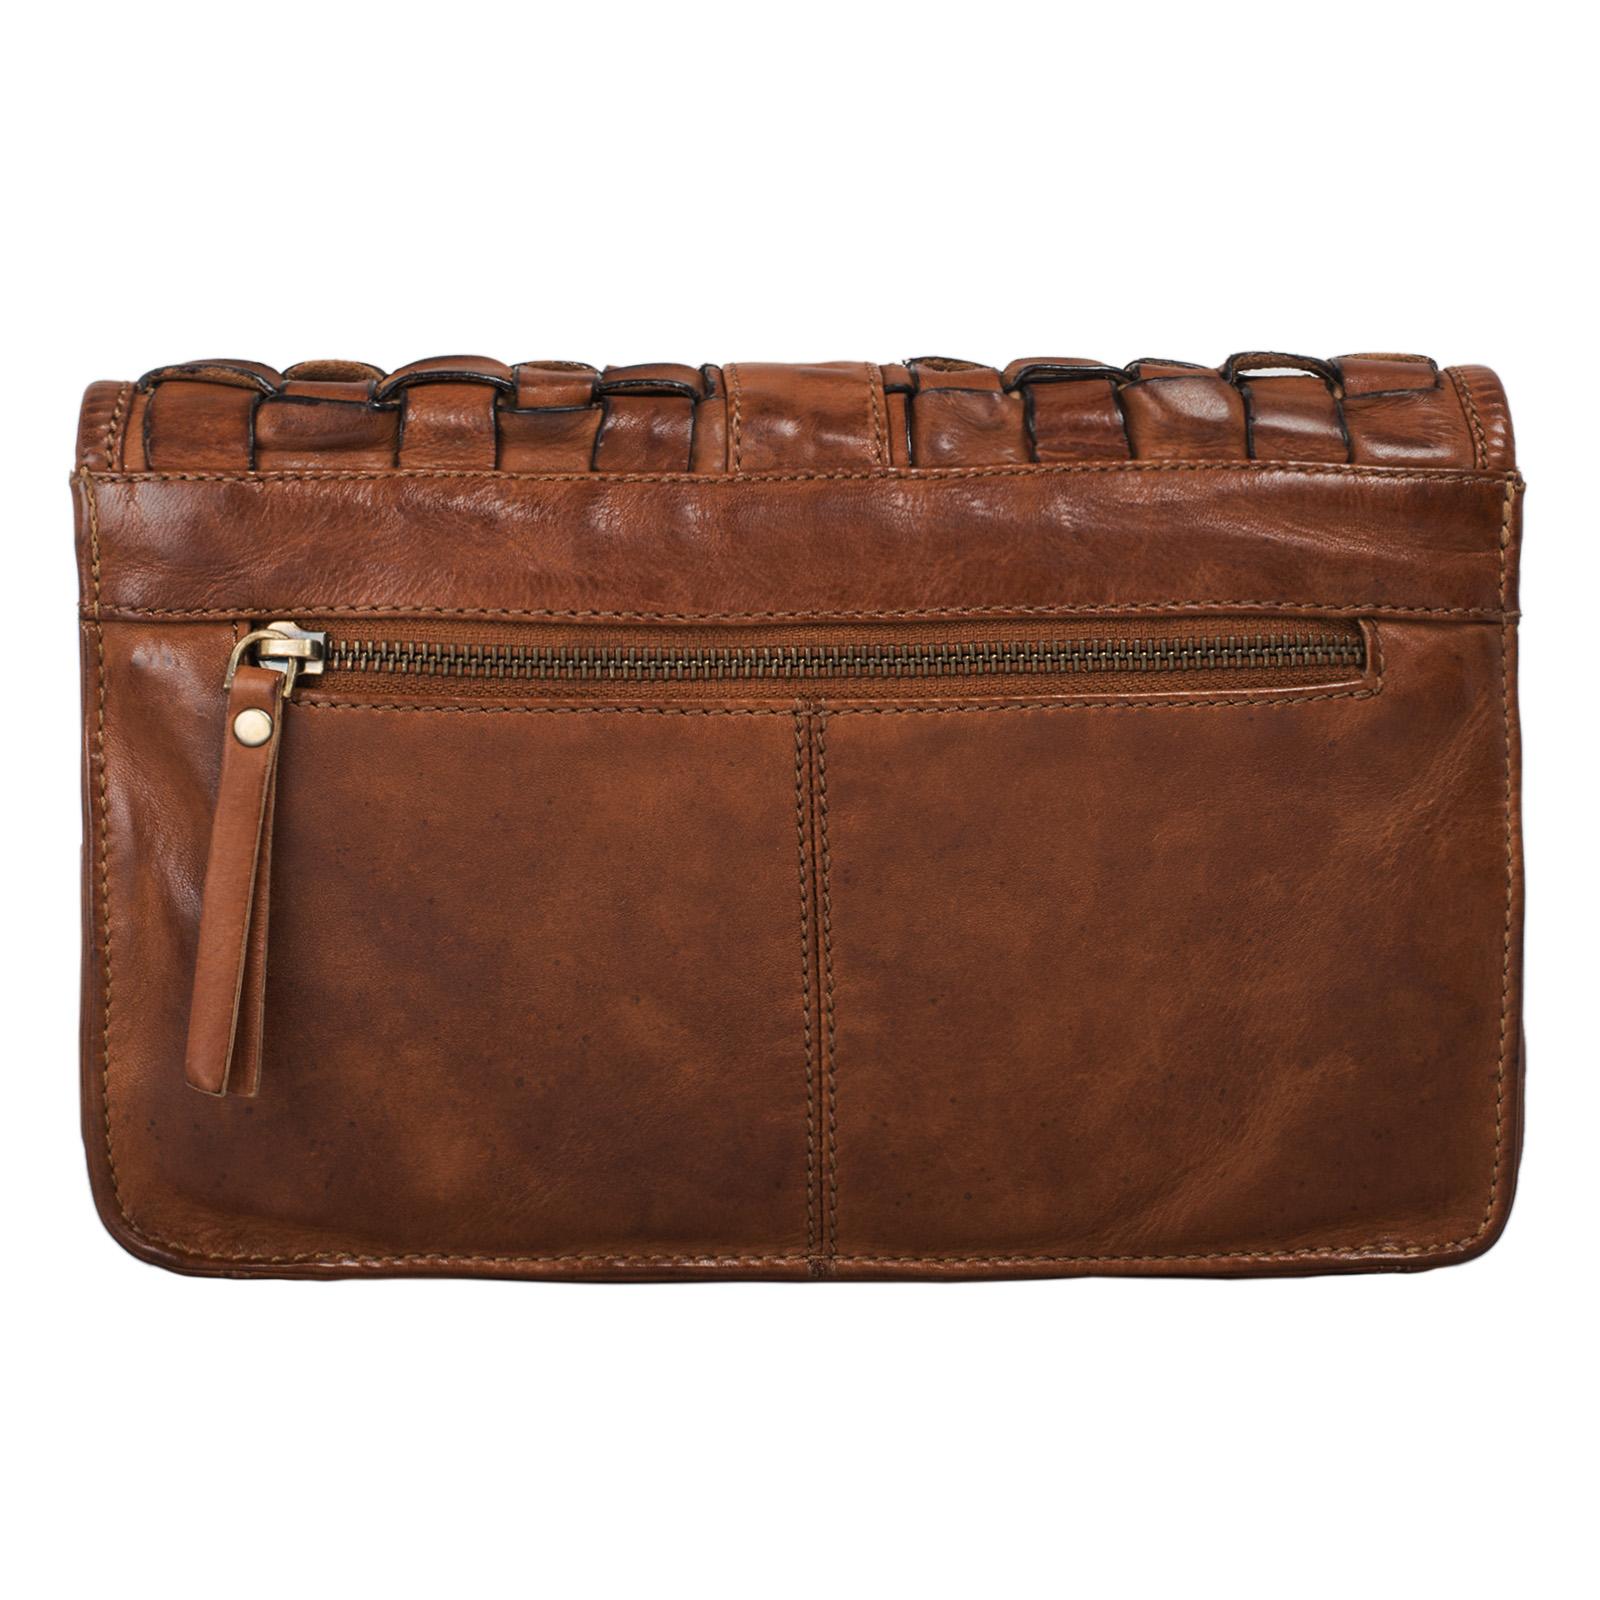 Geflochtene Damen Handtasche zum Ausgehen Leder